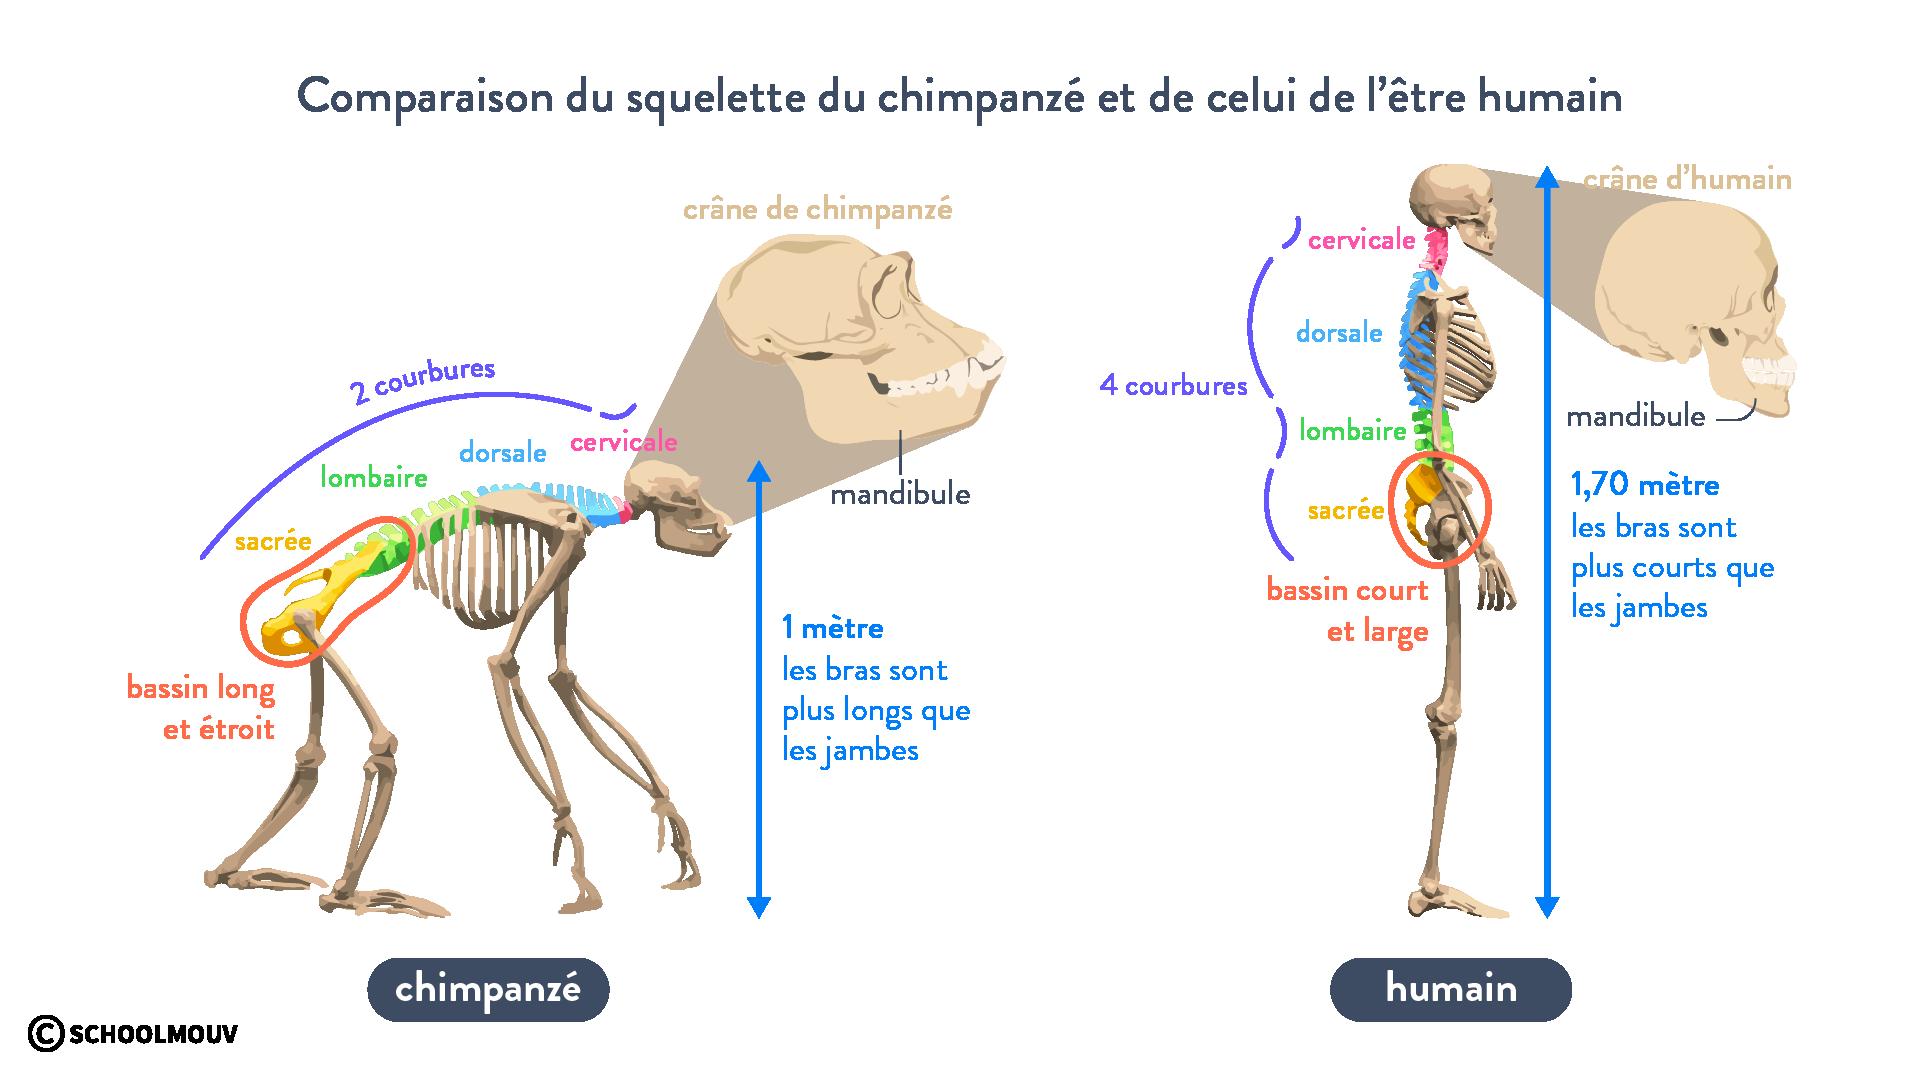 squelette être humain chimpanzé hominisation